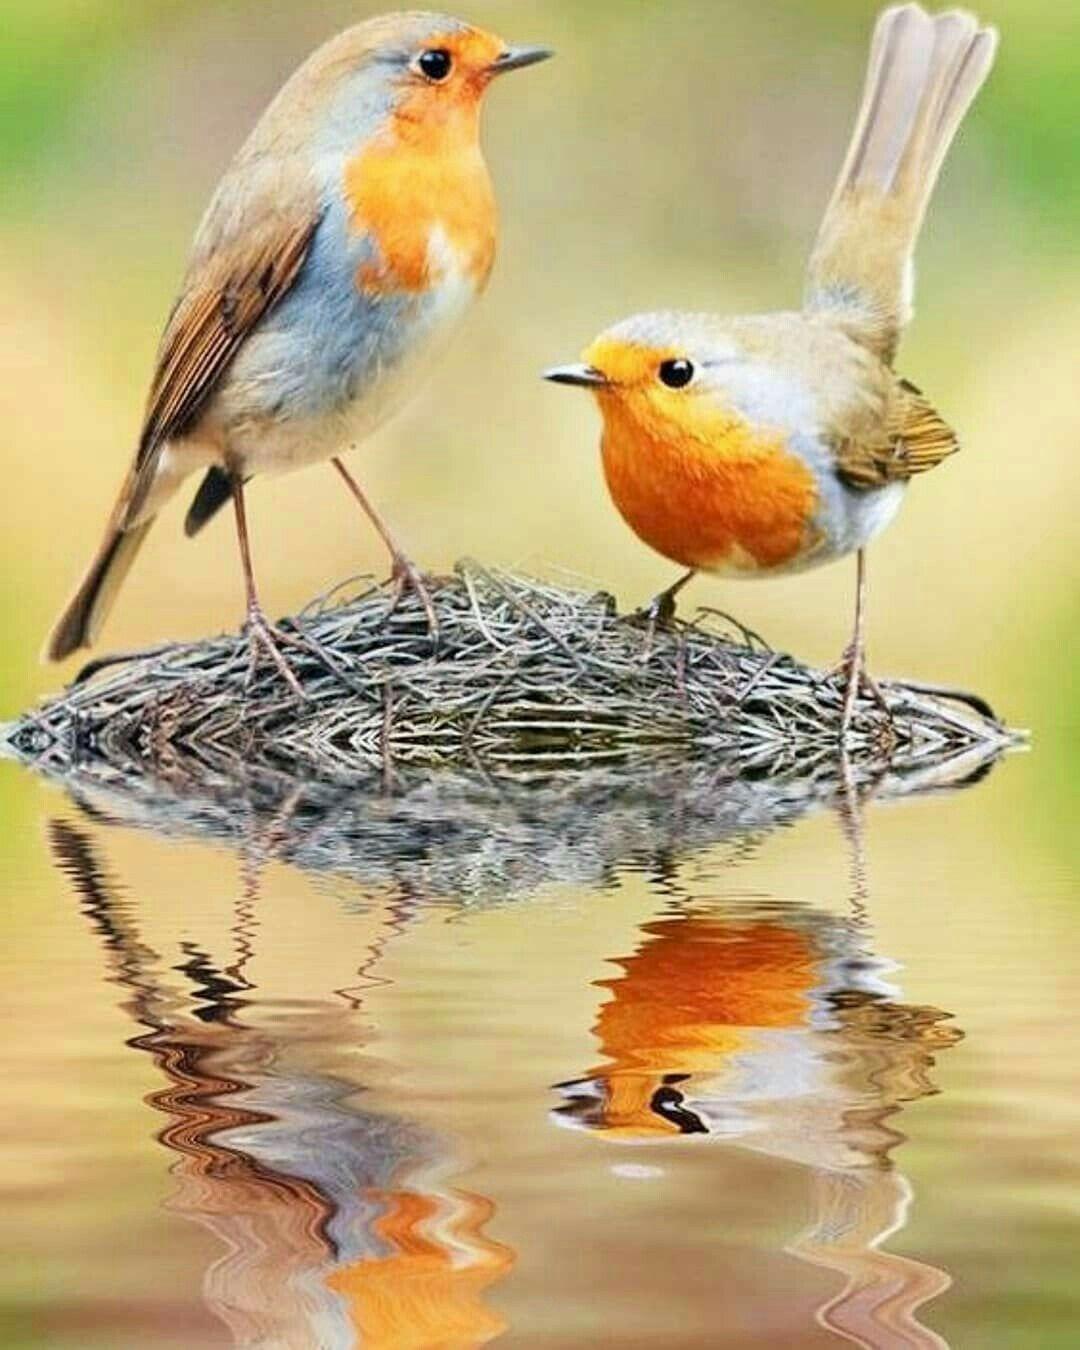 pin von 👑hamzakhanhk👑 auf bᴇᴀᴜᴛɪғᴜʟ bɪʀᴅs  vögel fotos